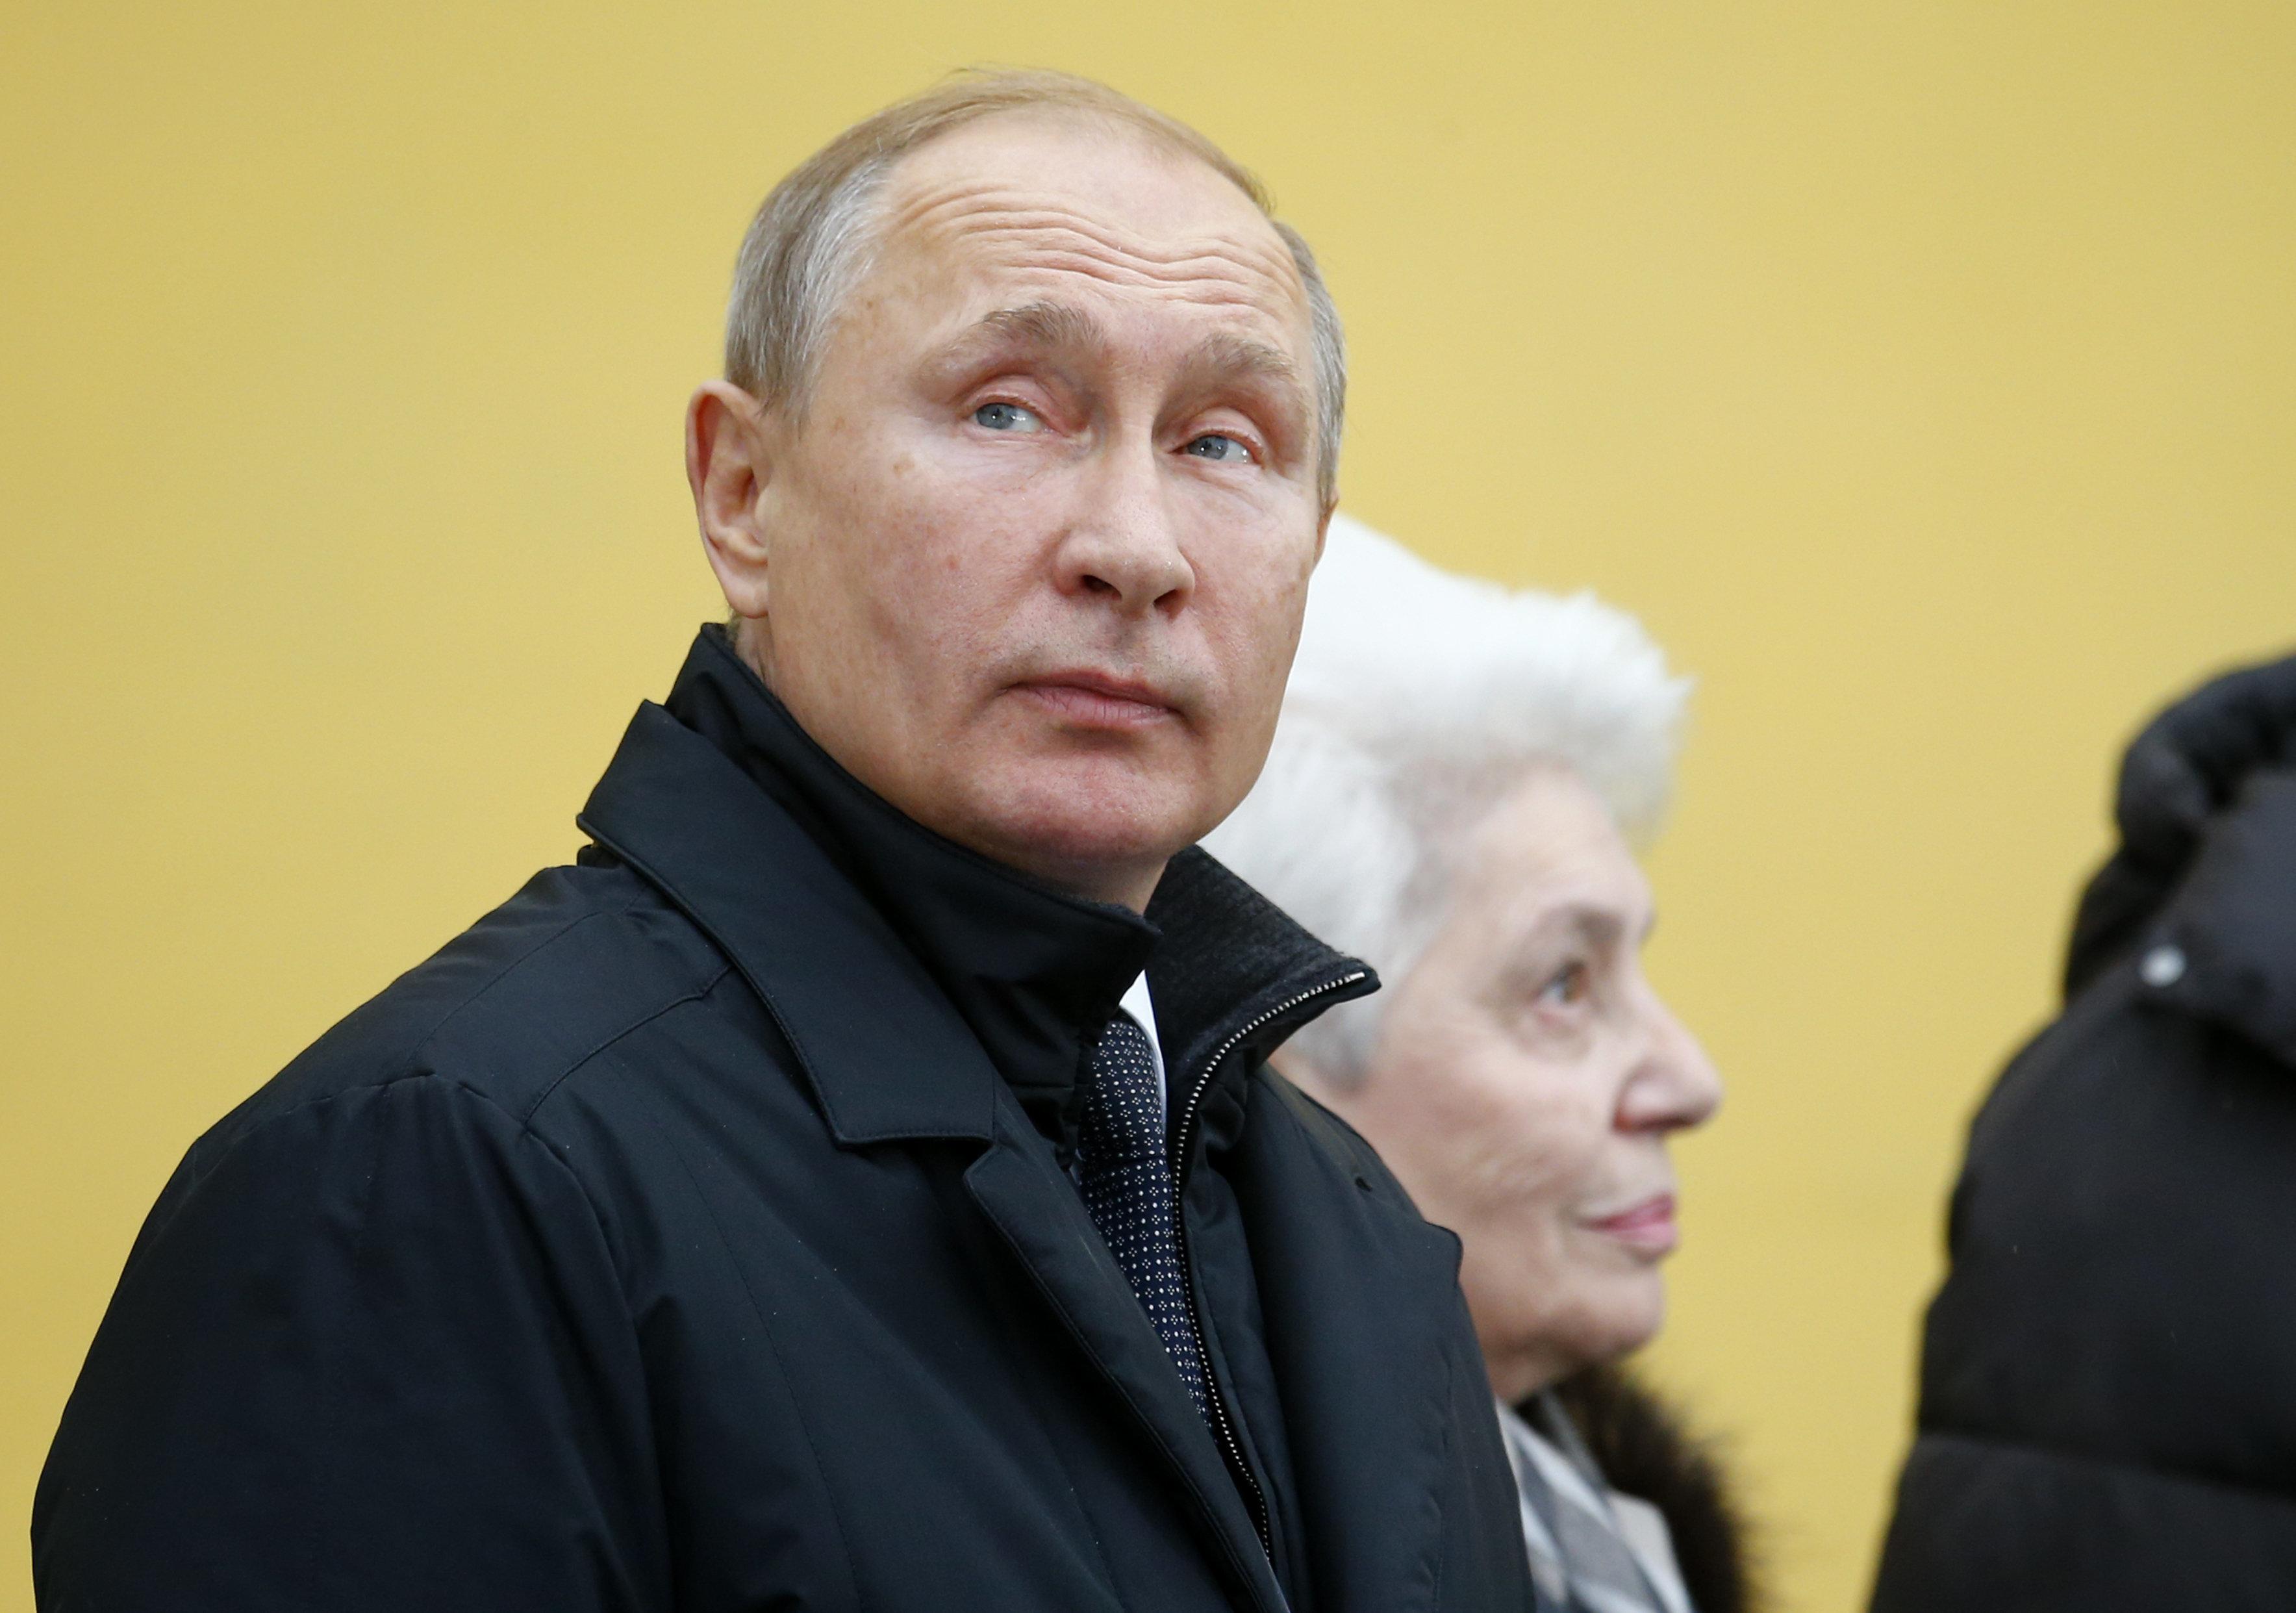 El presidente de Rusia Vladimir Putin ve un monumento del autor ganador de Nobel Alexander Solzhenitsyn en Moscú, Rusia, el martes 11 de diciembre de 2018. (AP Foto/Alexander Zemlianichenko, Pool)